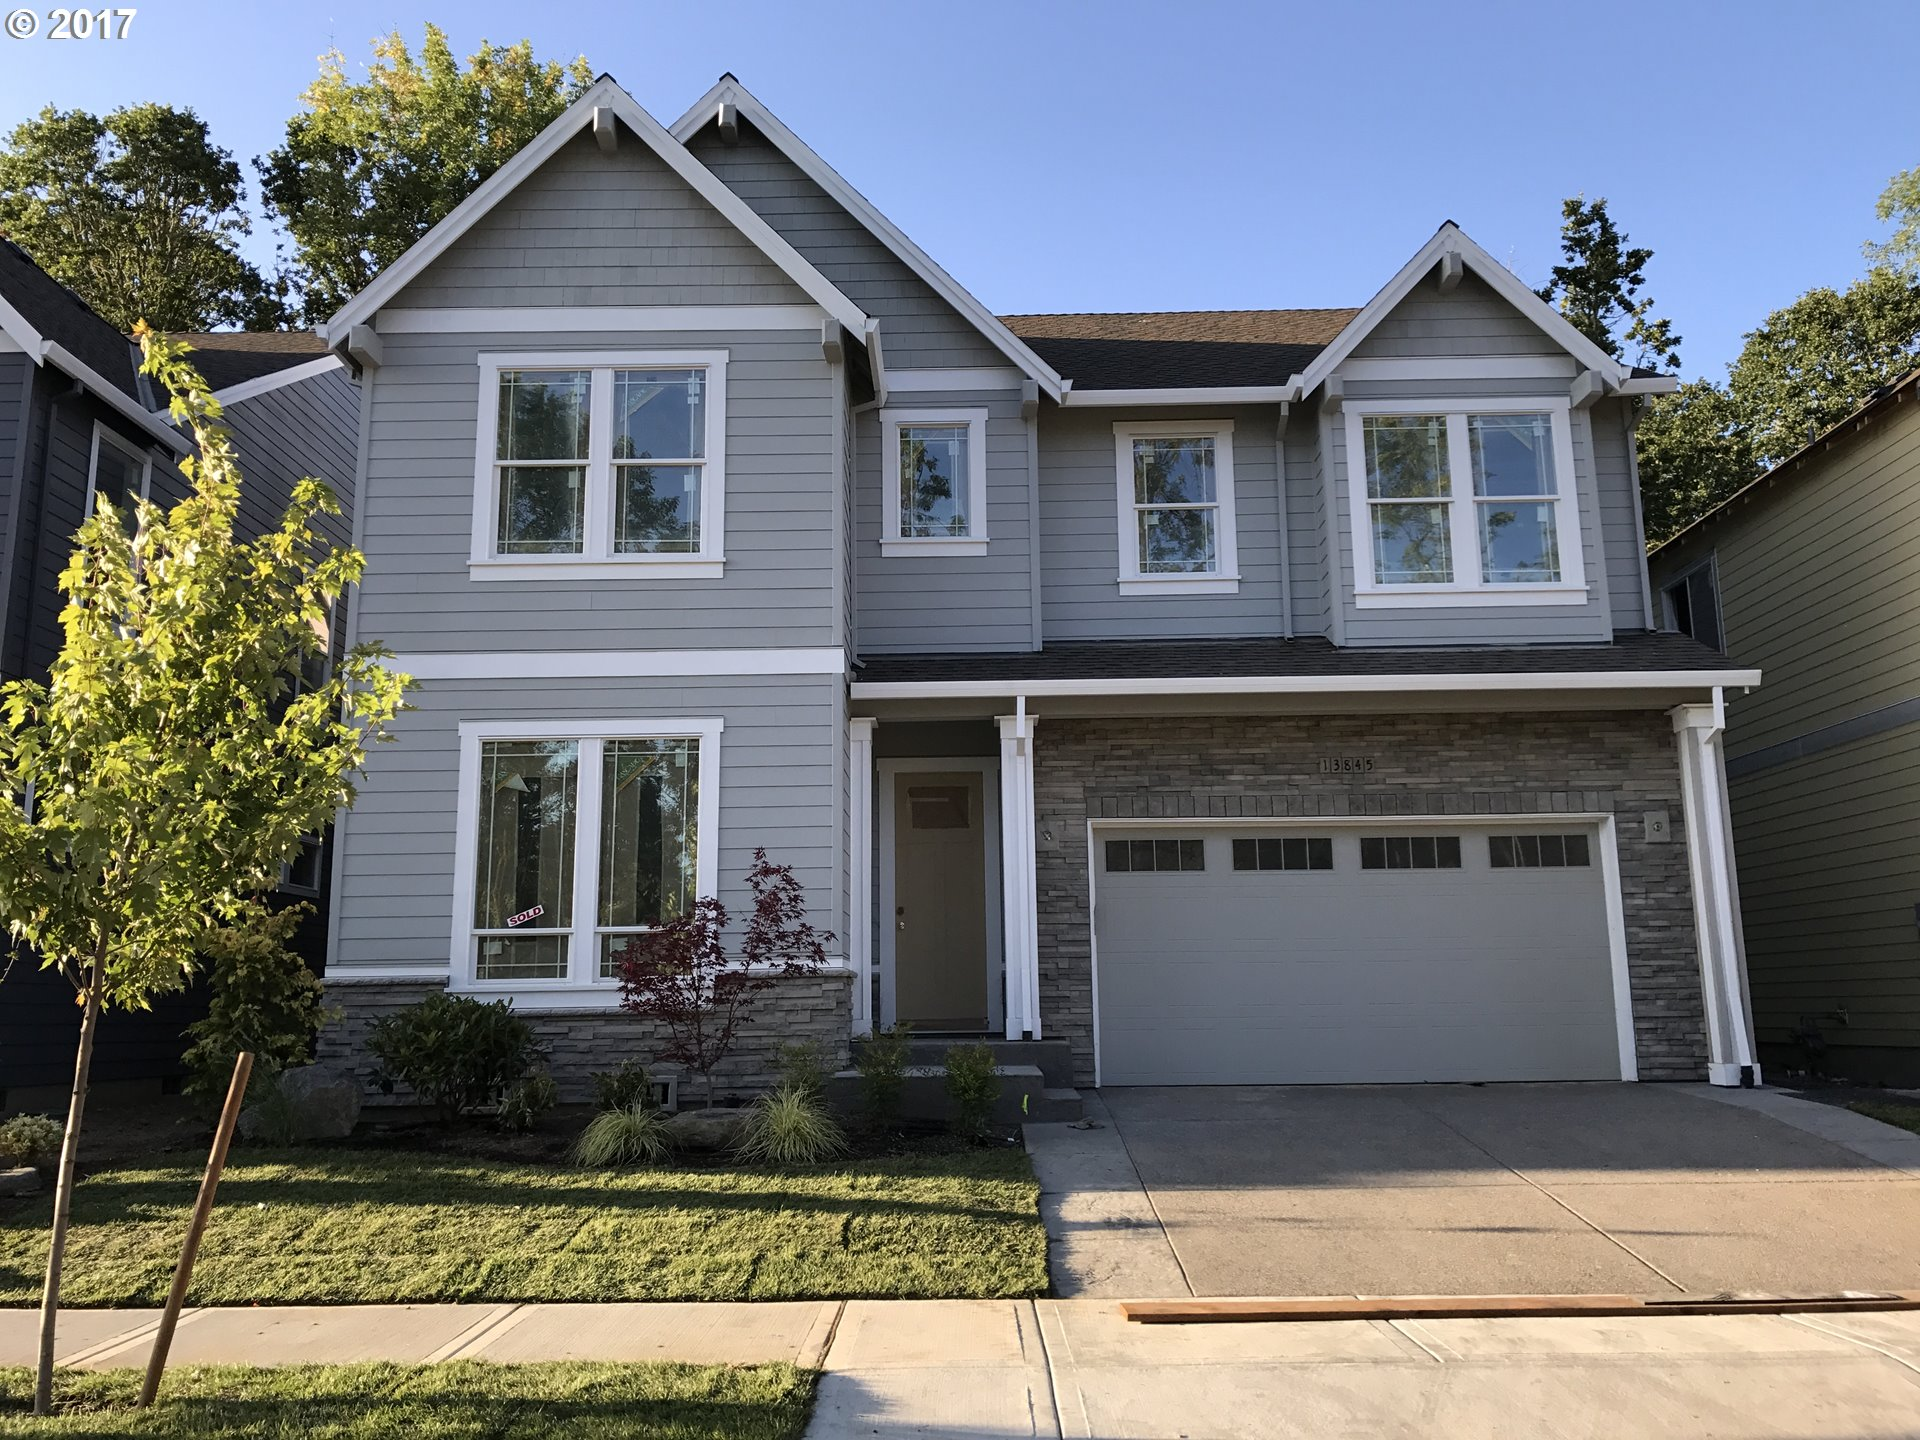 13845 NW Gargany ST, Portland, OR 97229